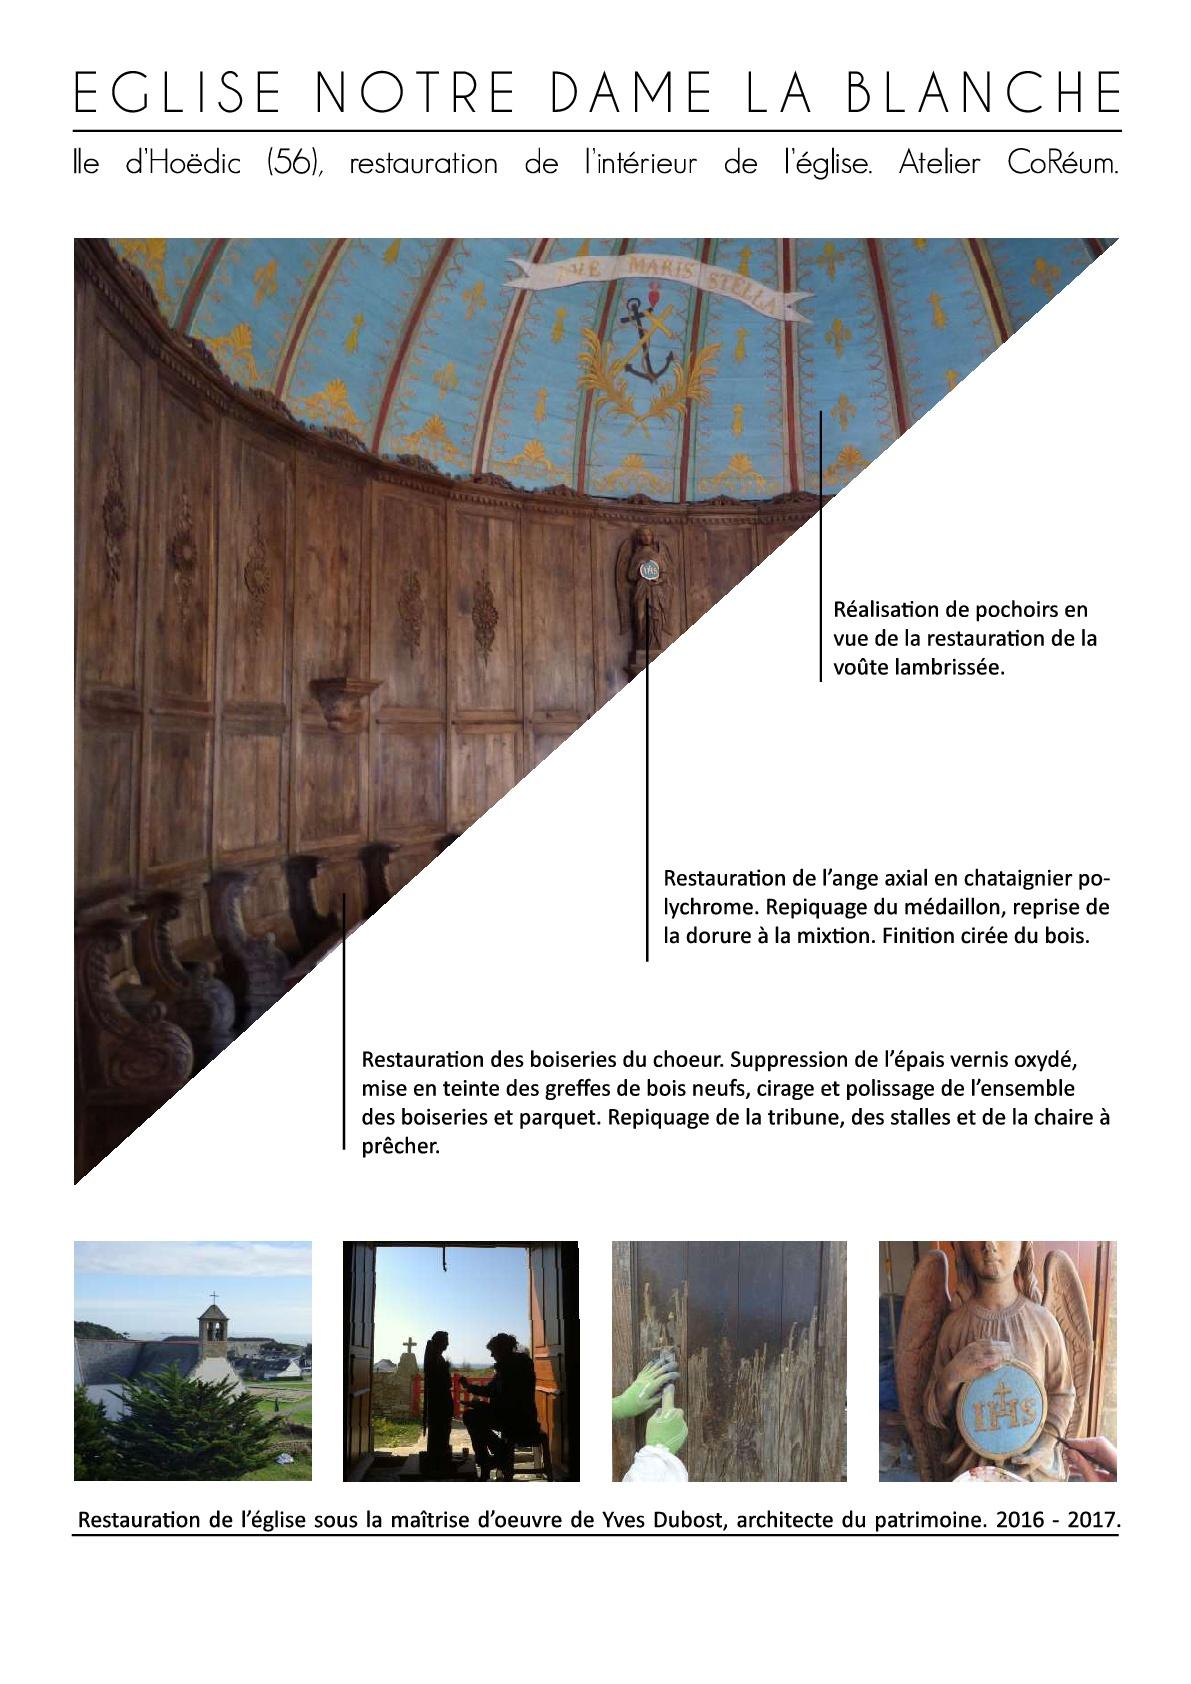 restauration patrimoine architecture boiserie hoedic coreum monument conseil